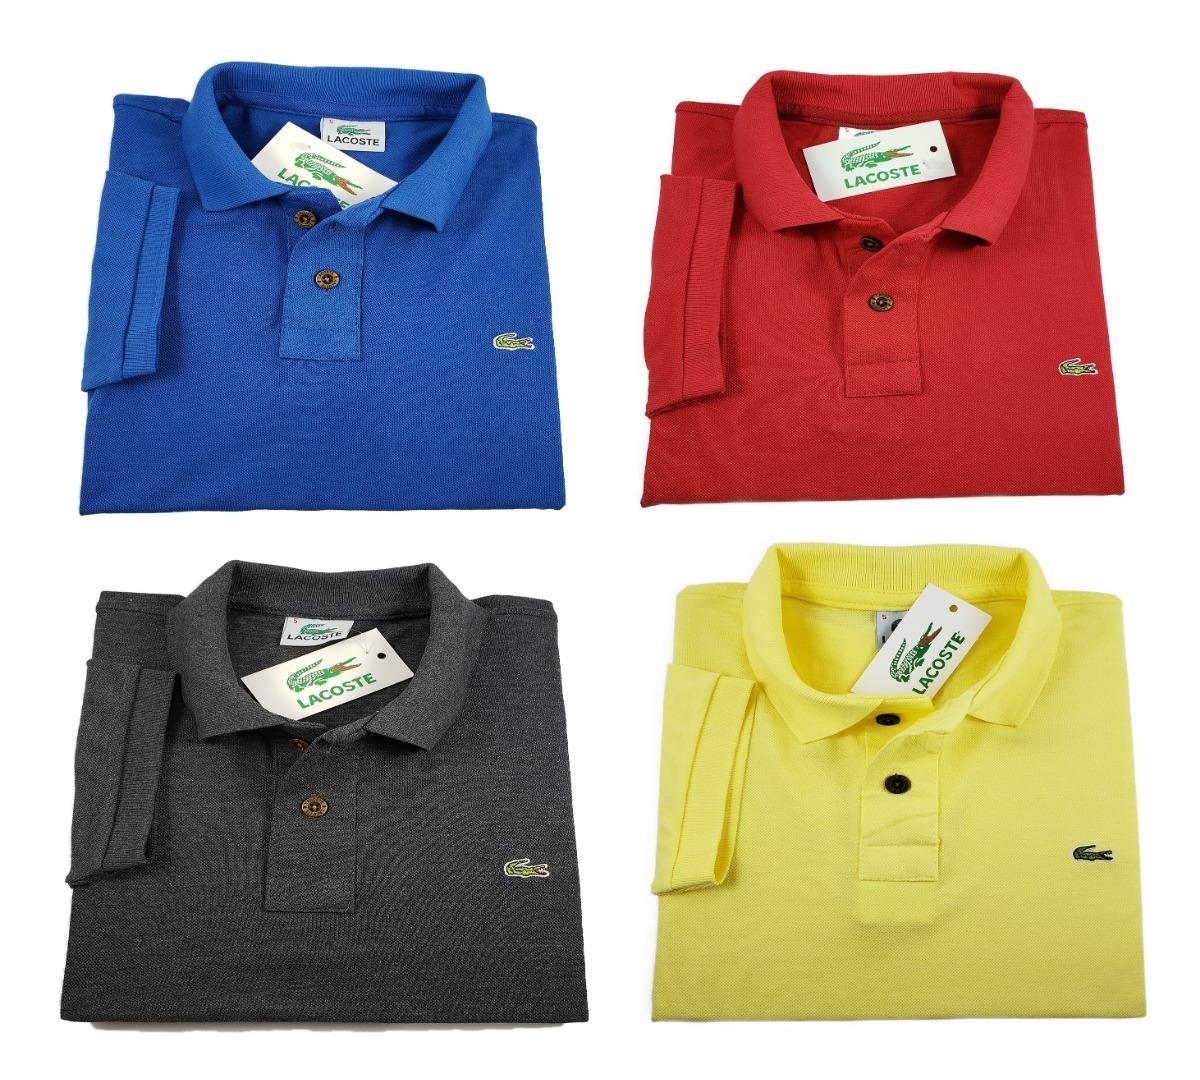 27e9d91ccc678 Kit 4 Camisetas Polo Basica Tamanho Especial Da G1 G2 G3 G4 - R  179 ...